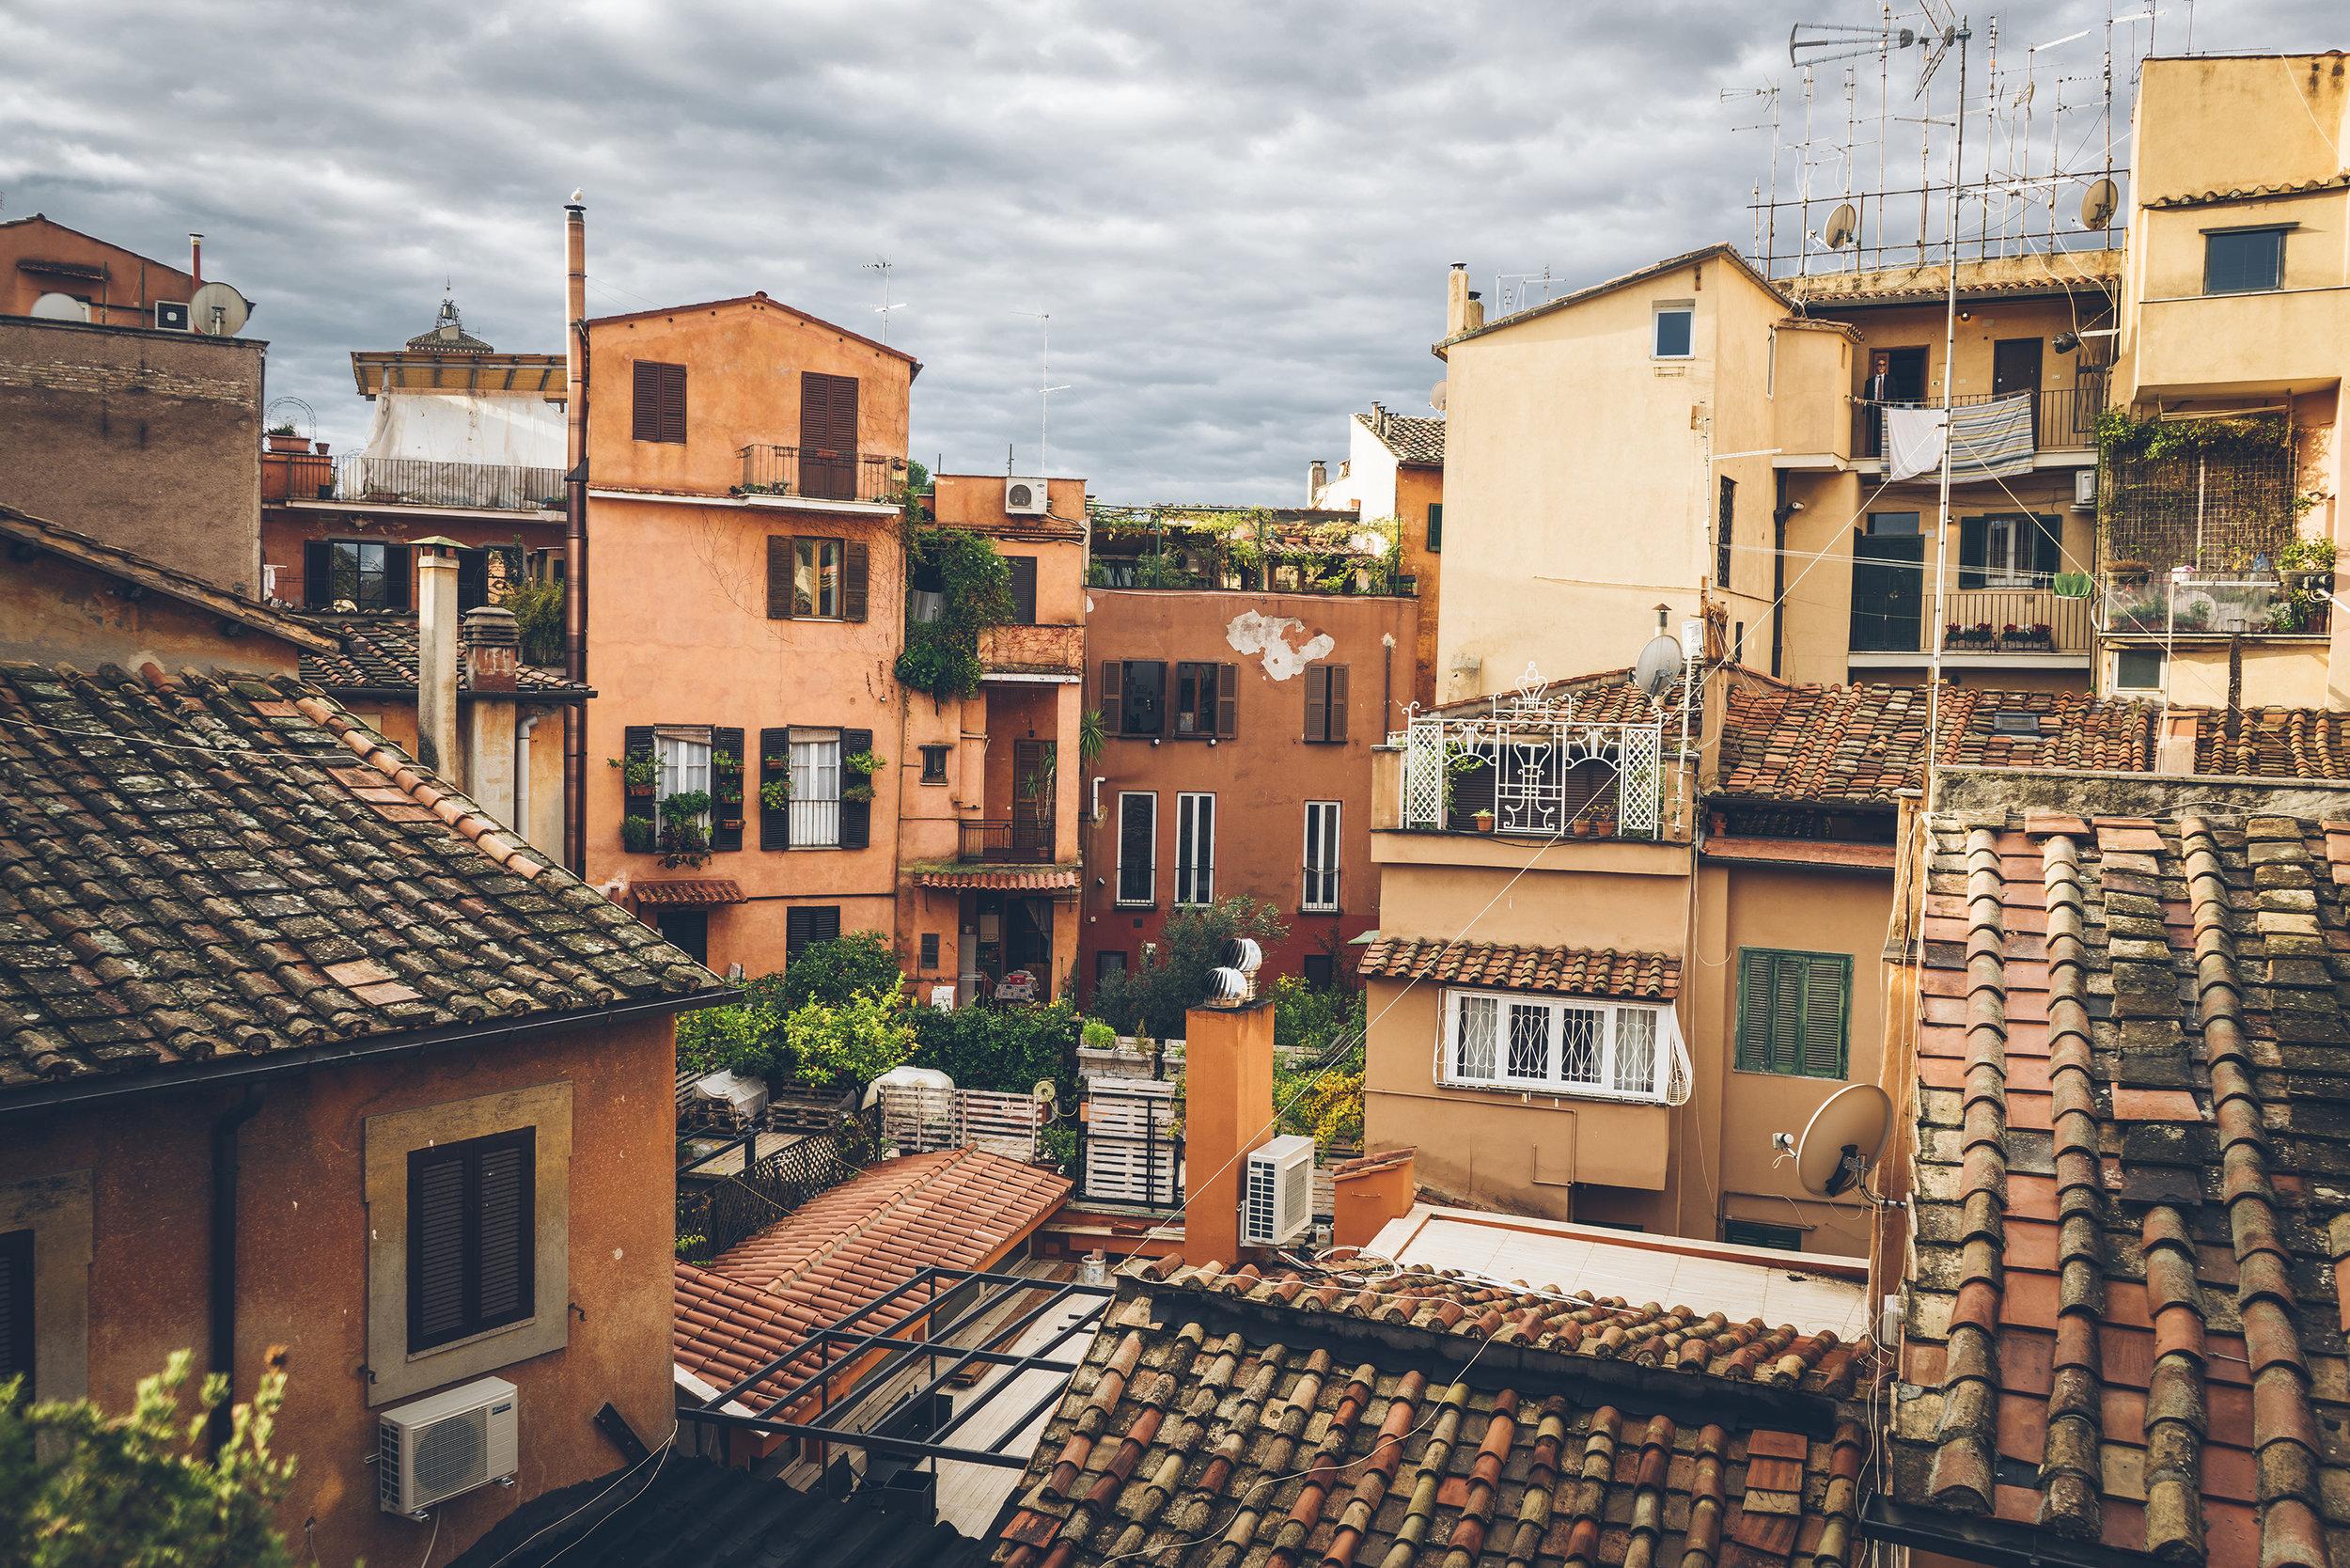 Trastavere, Rome, Italy